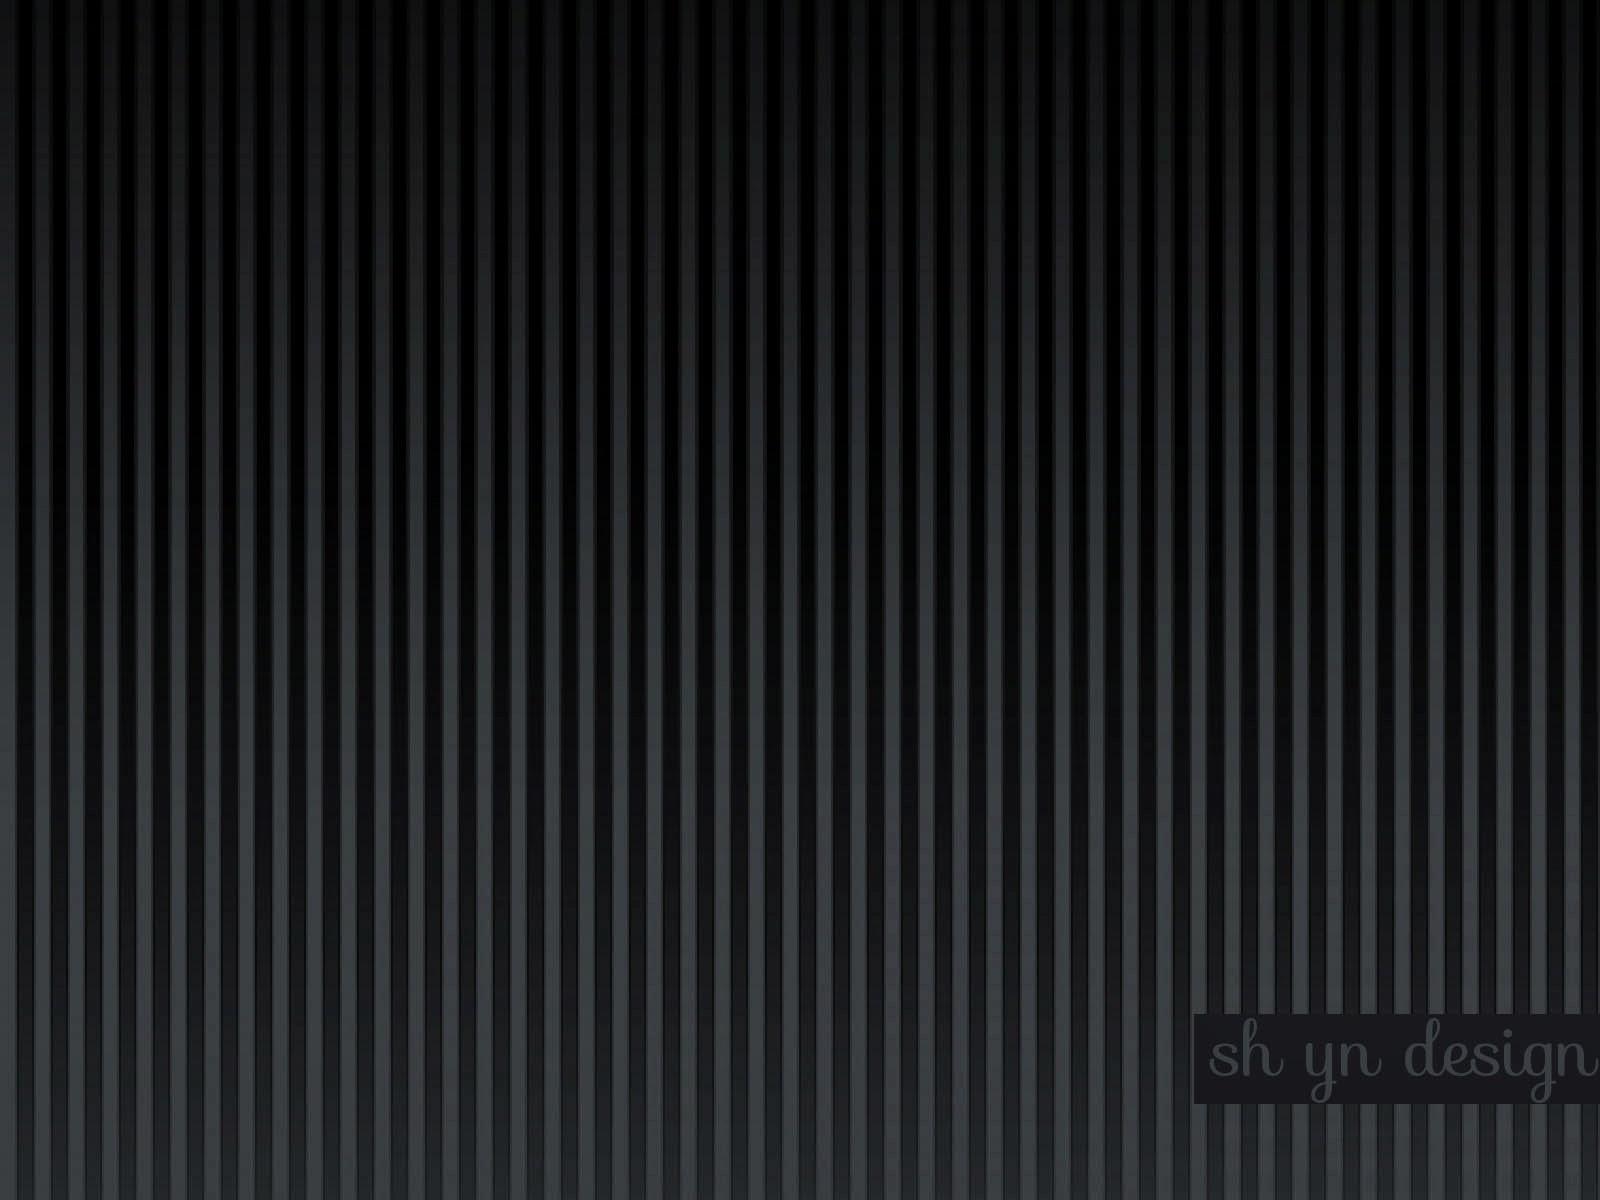 Silver Bedrooms Sh Yn Design Stripe Pattern Wallpaper Red Amp Black